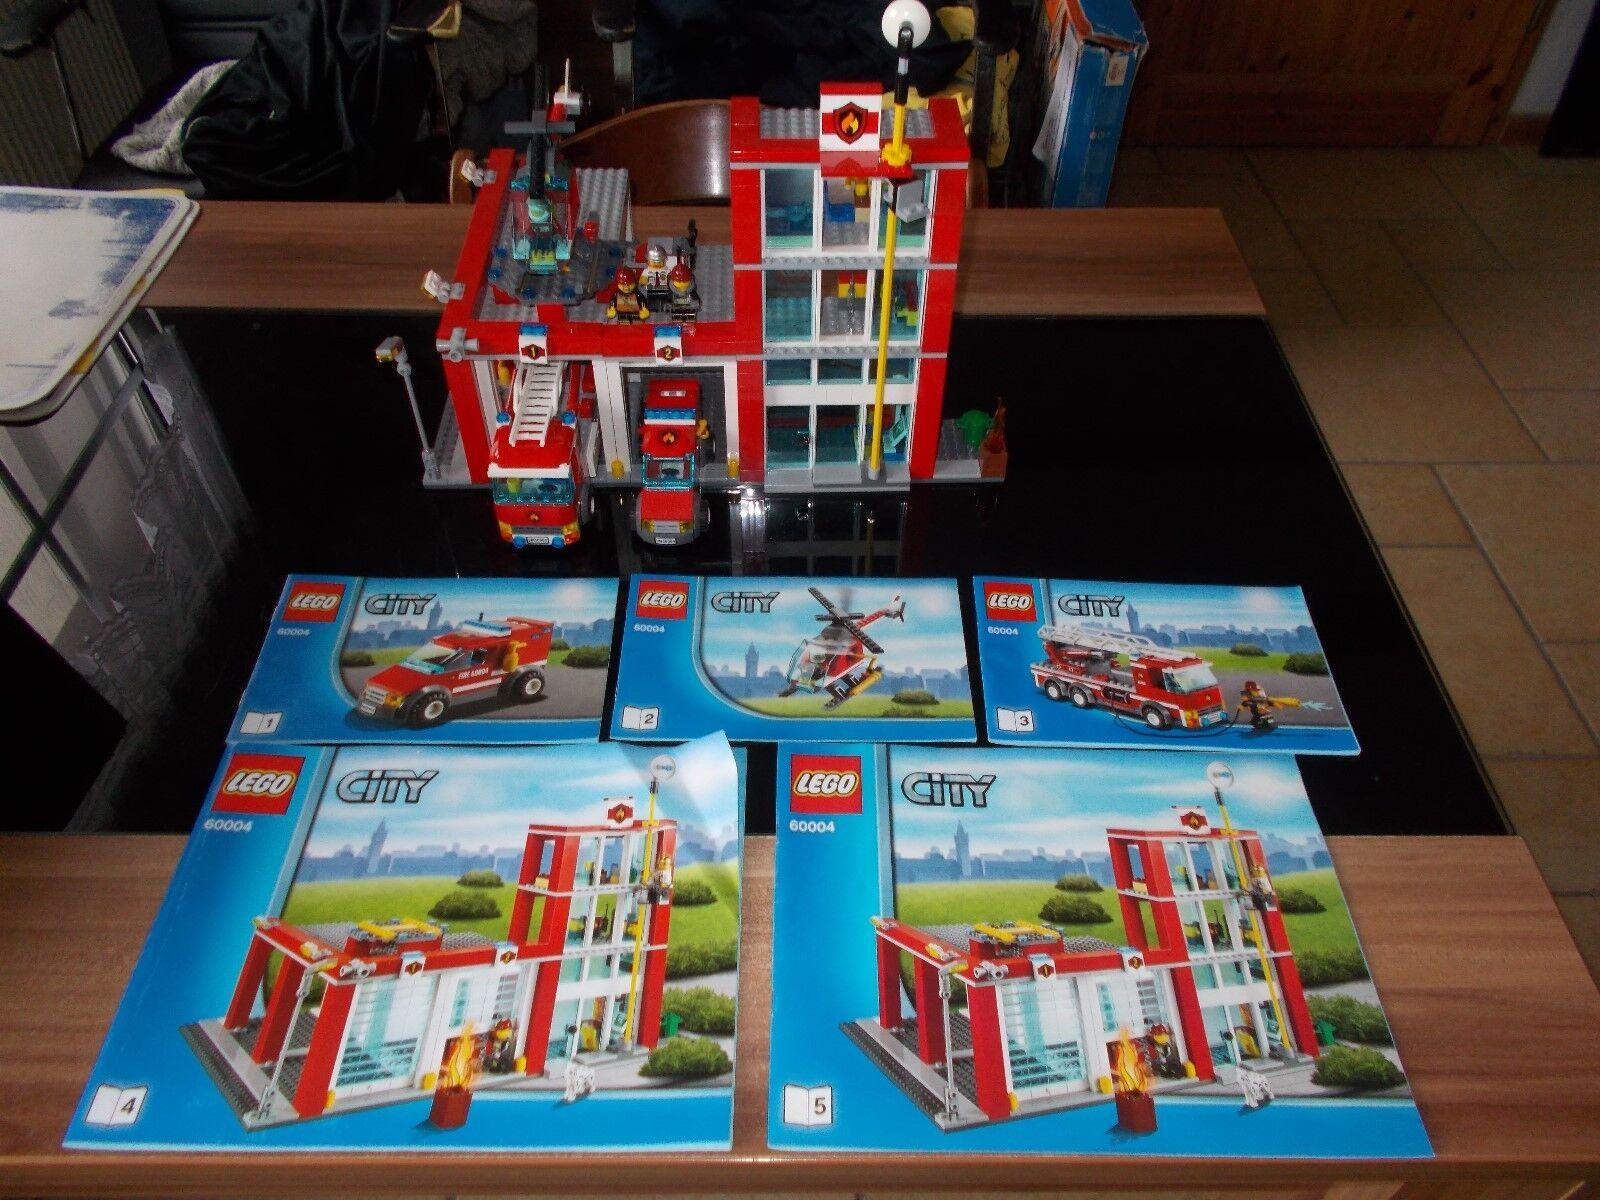 Lego® City Feuerwehr - 60004 - Feuerwehr Hauptquartier - mit Bauanleitung (BA)